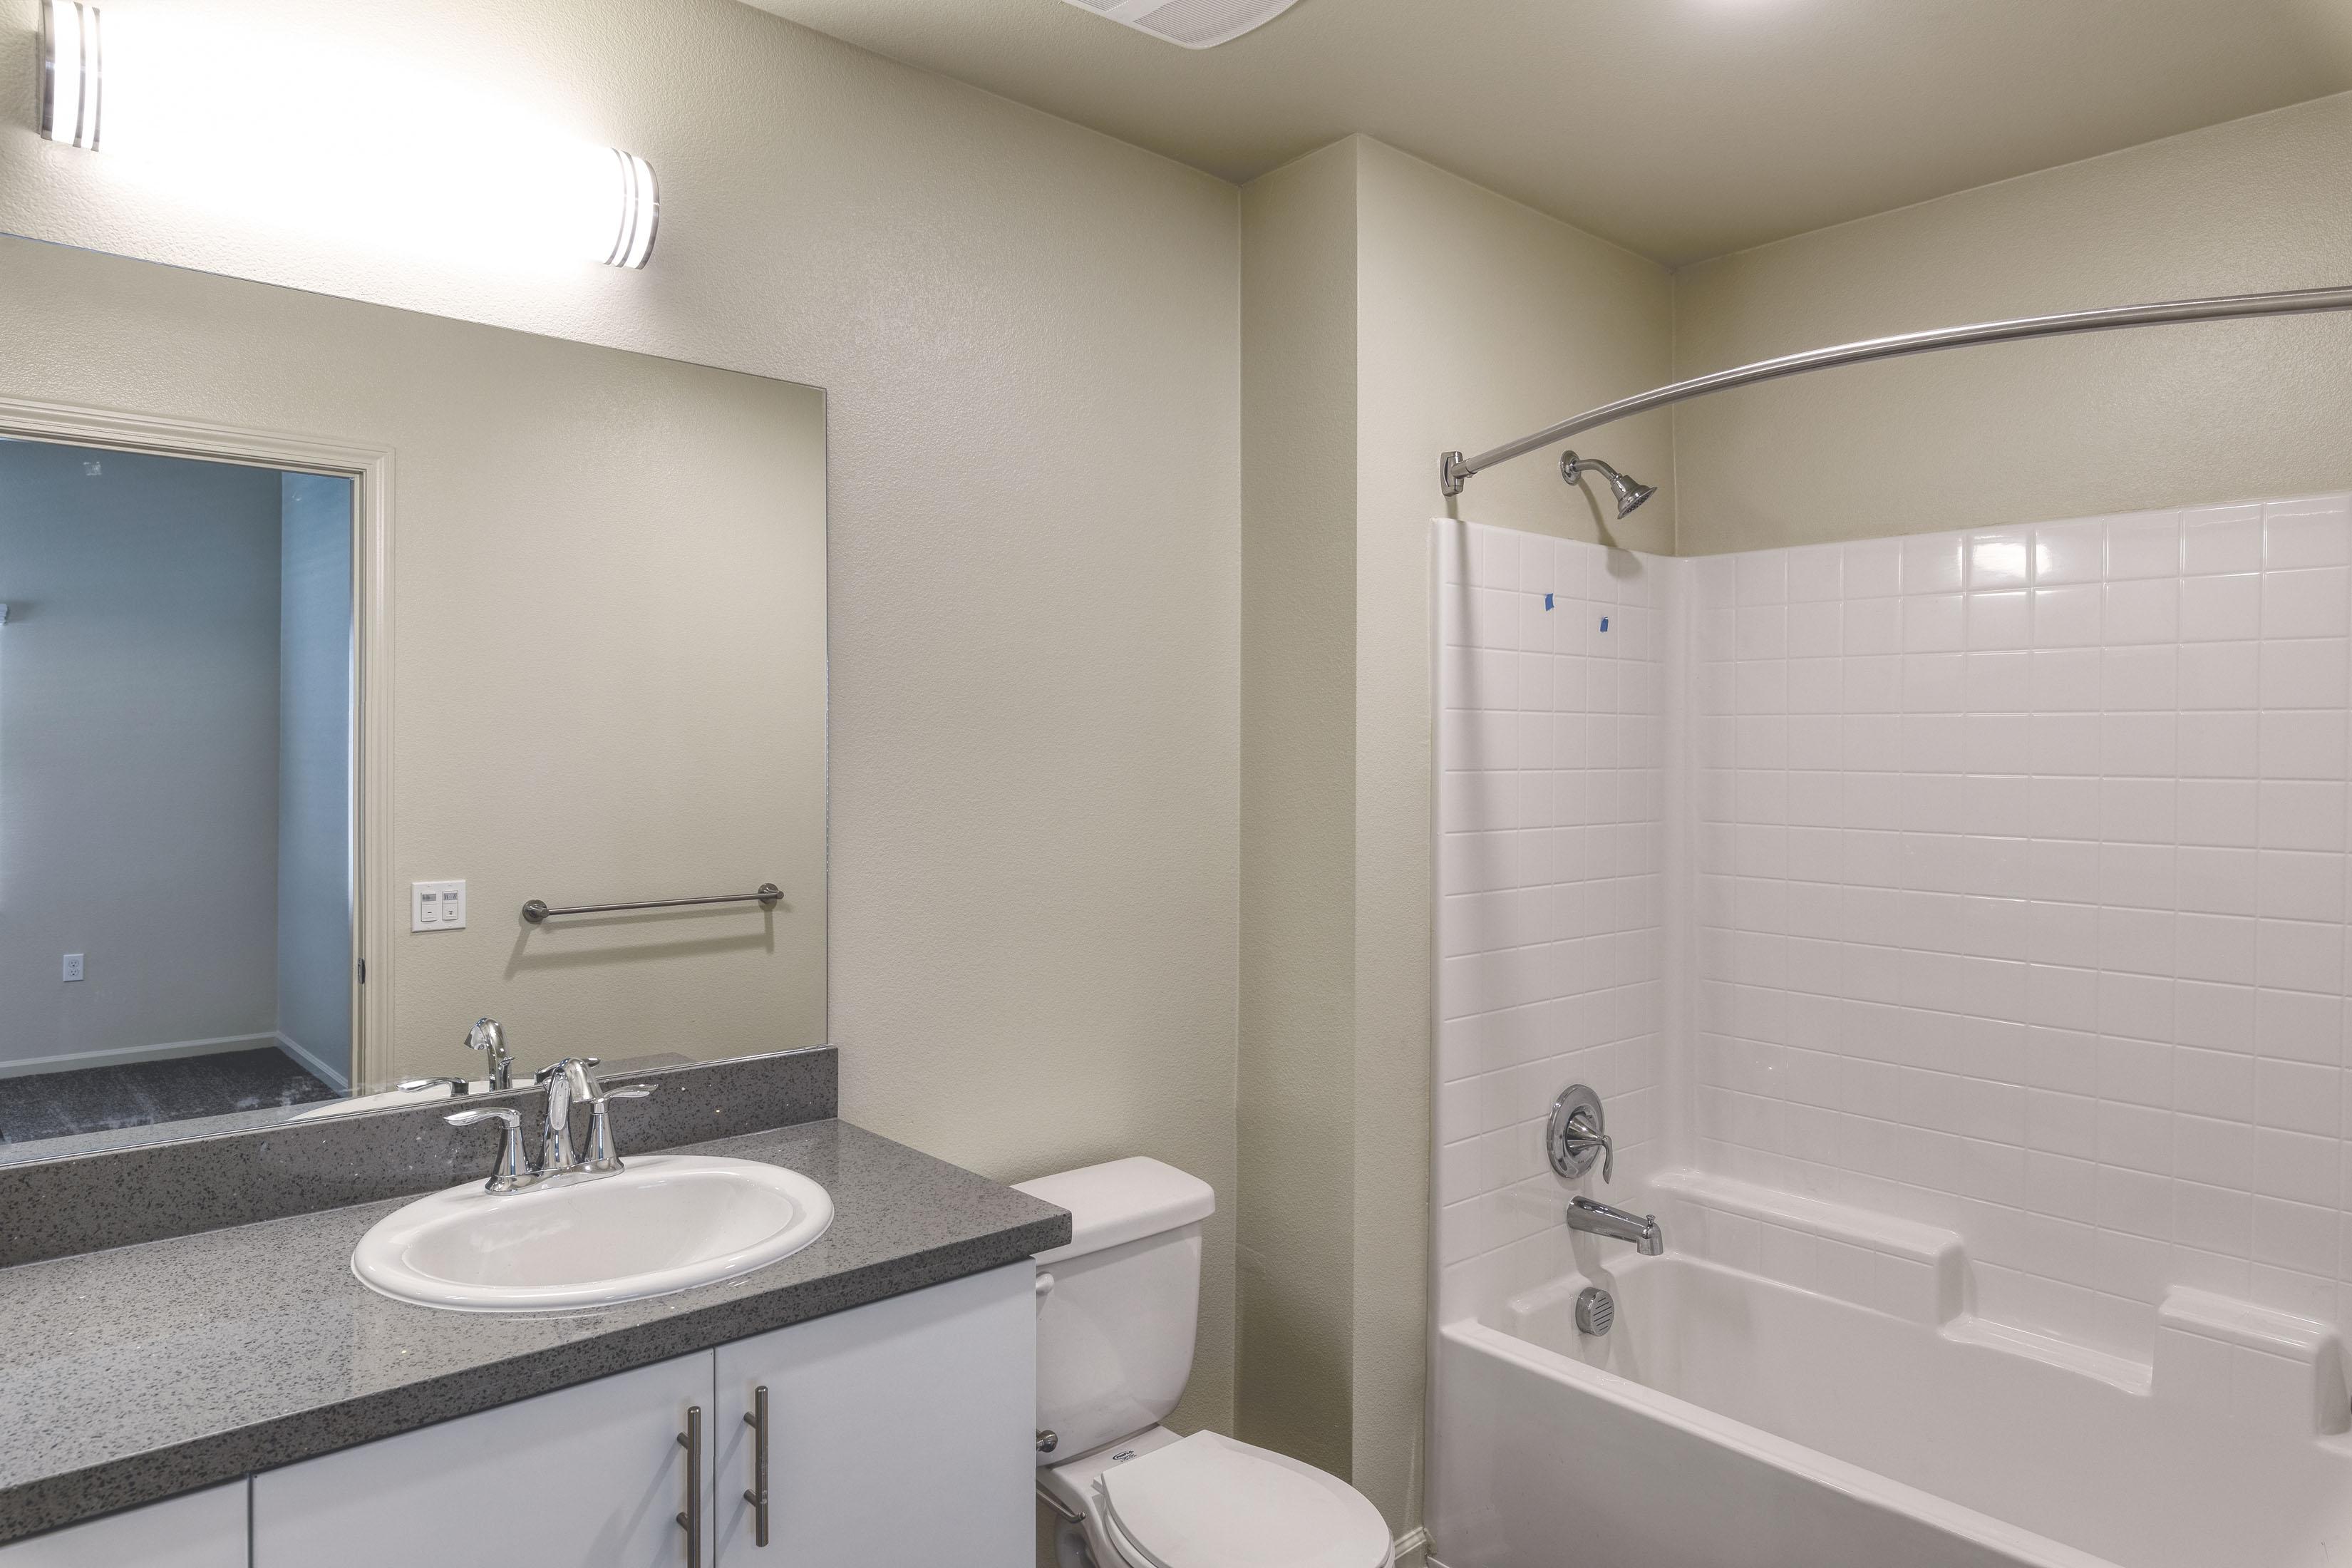 C&C_Unit101_Bathroom2_0135c-11x8